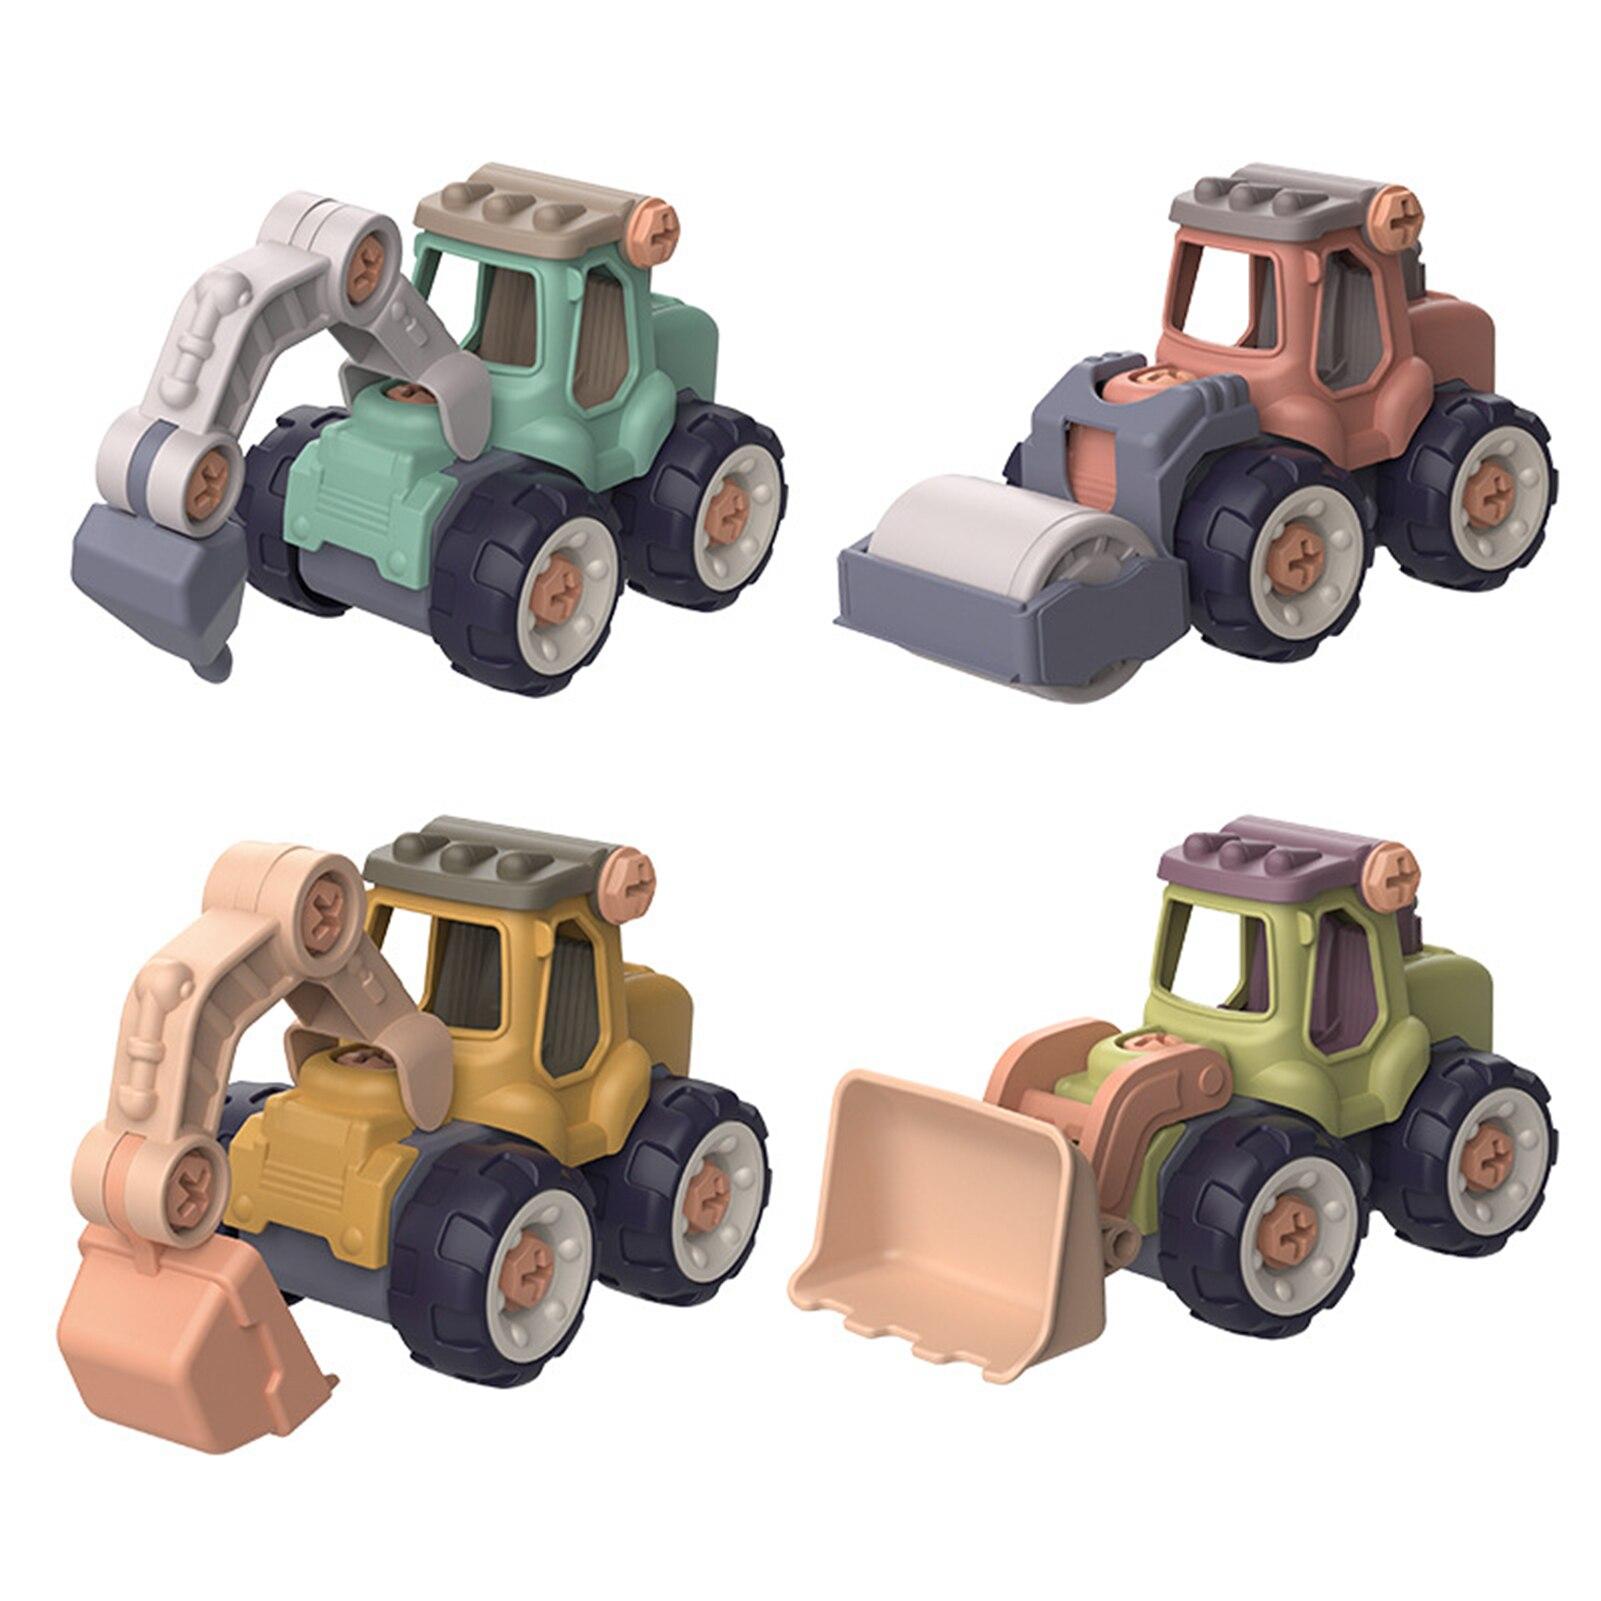 Сборка бульдозер сделай сам Съемная образовательных грузовик игрушечных строительных транспортных средств игровой набор с игрушечная от...